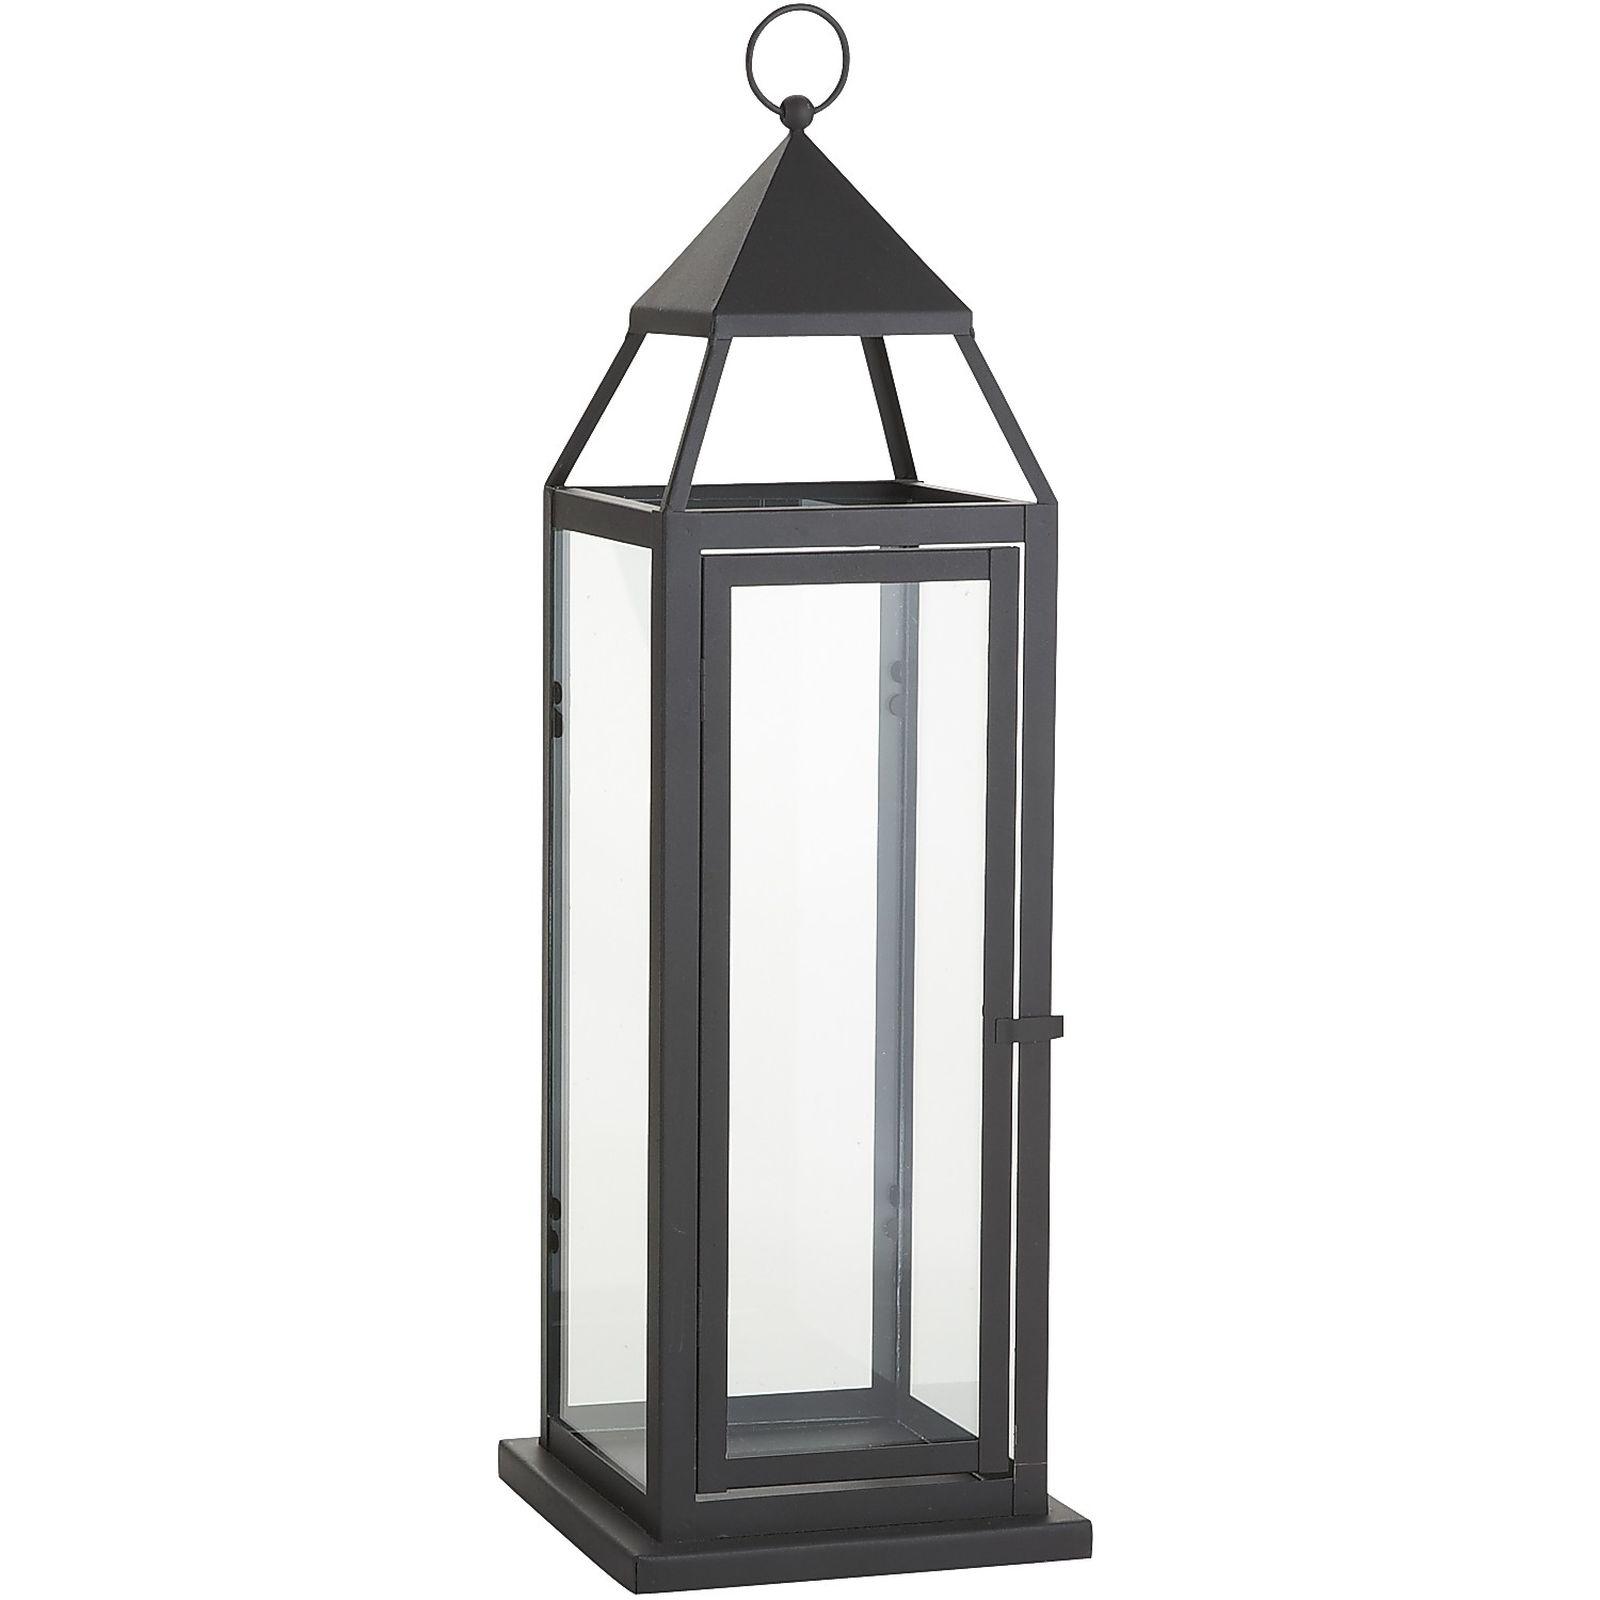 Indoor Outdoor Lanterns Lamp Post Solar Candles Door Ideas Lighting Regarding Tall Outdoor Lanterns (View 3 of 20)